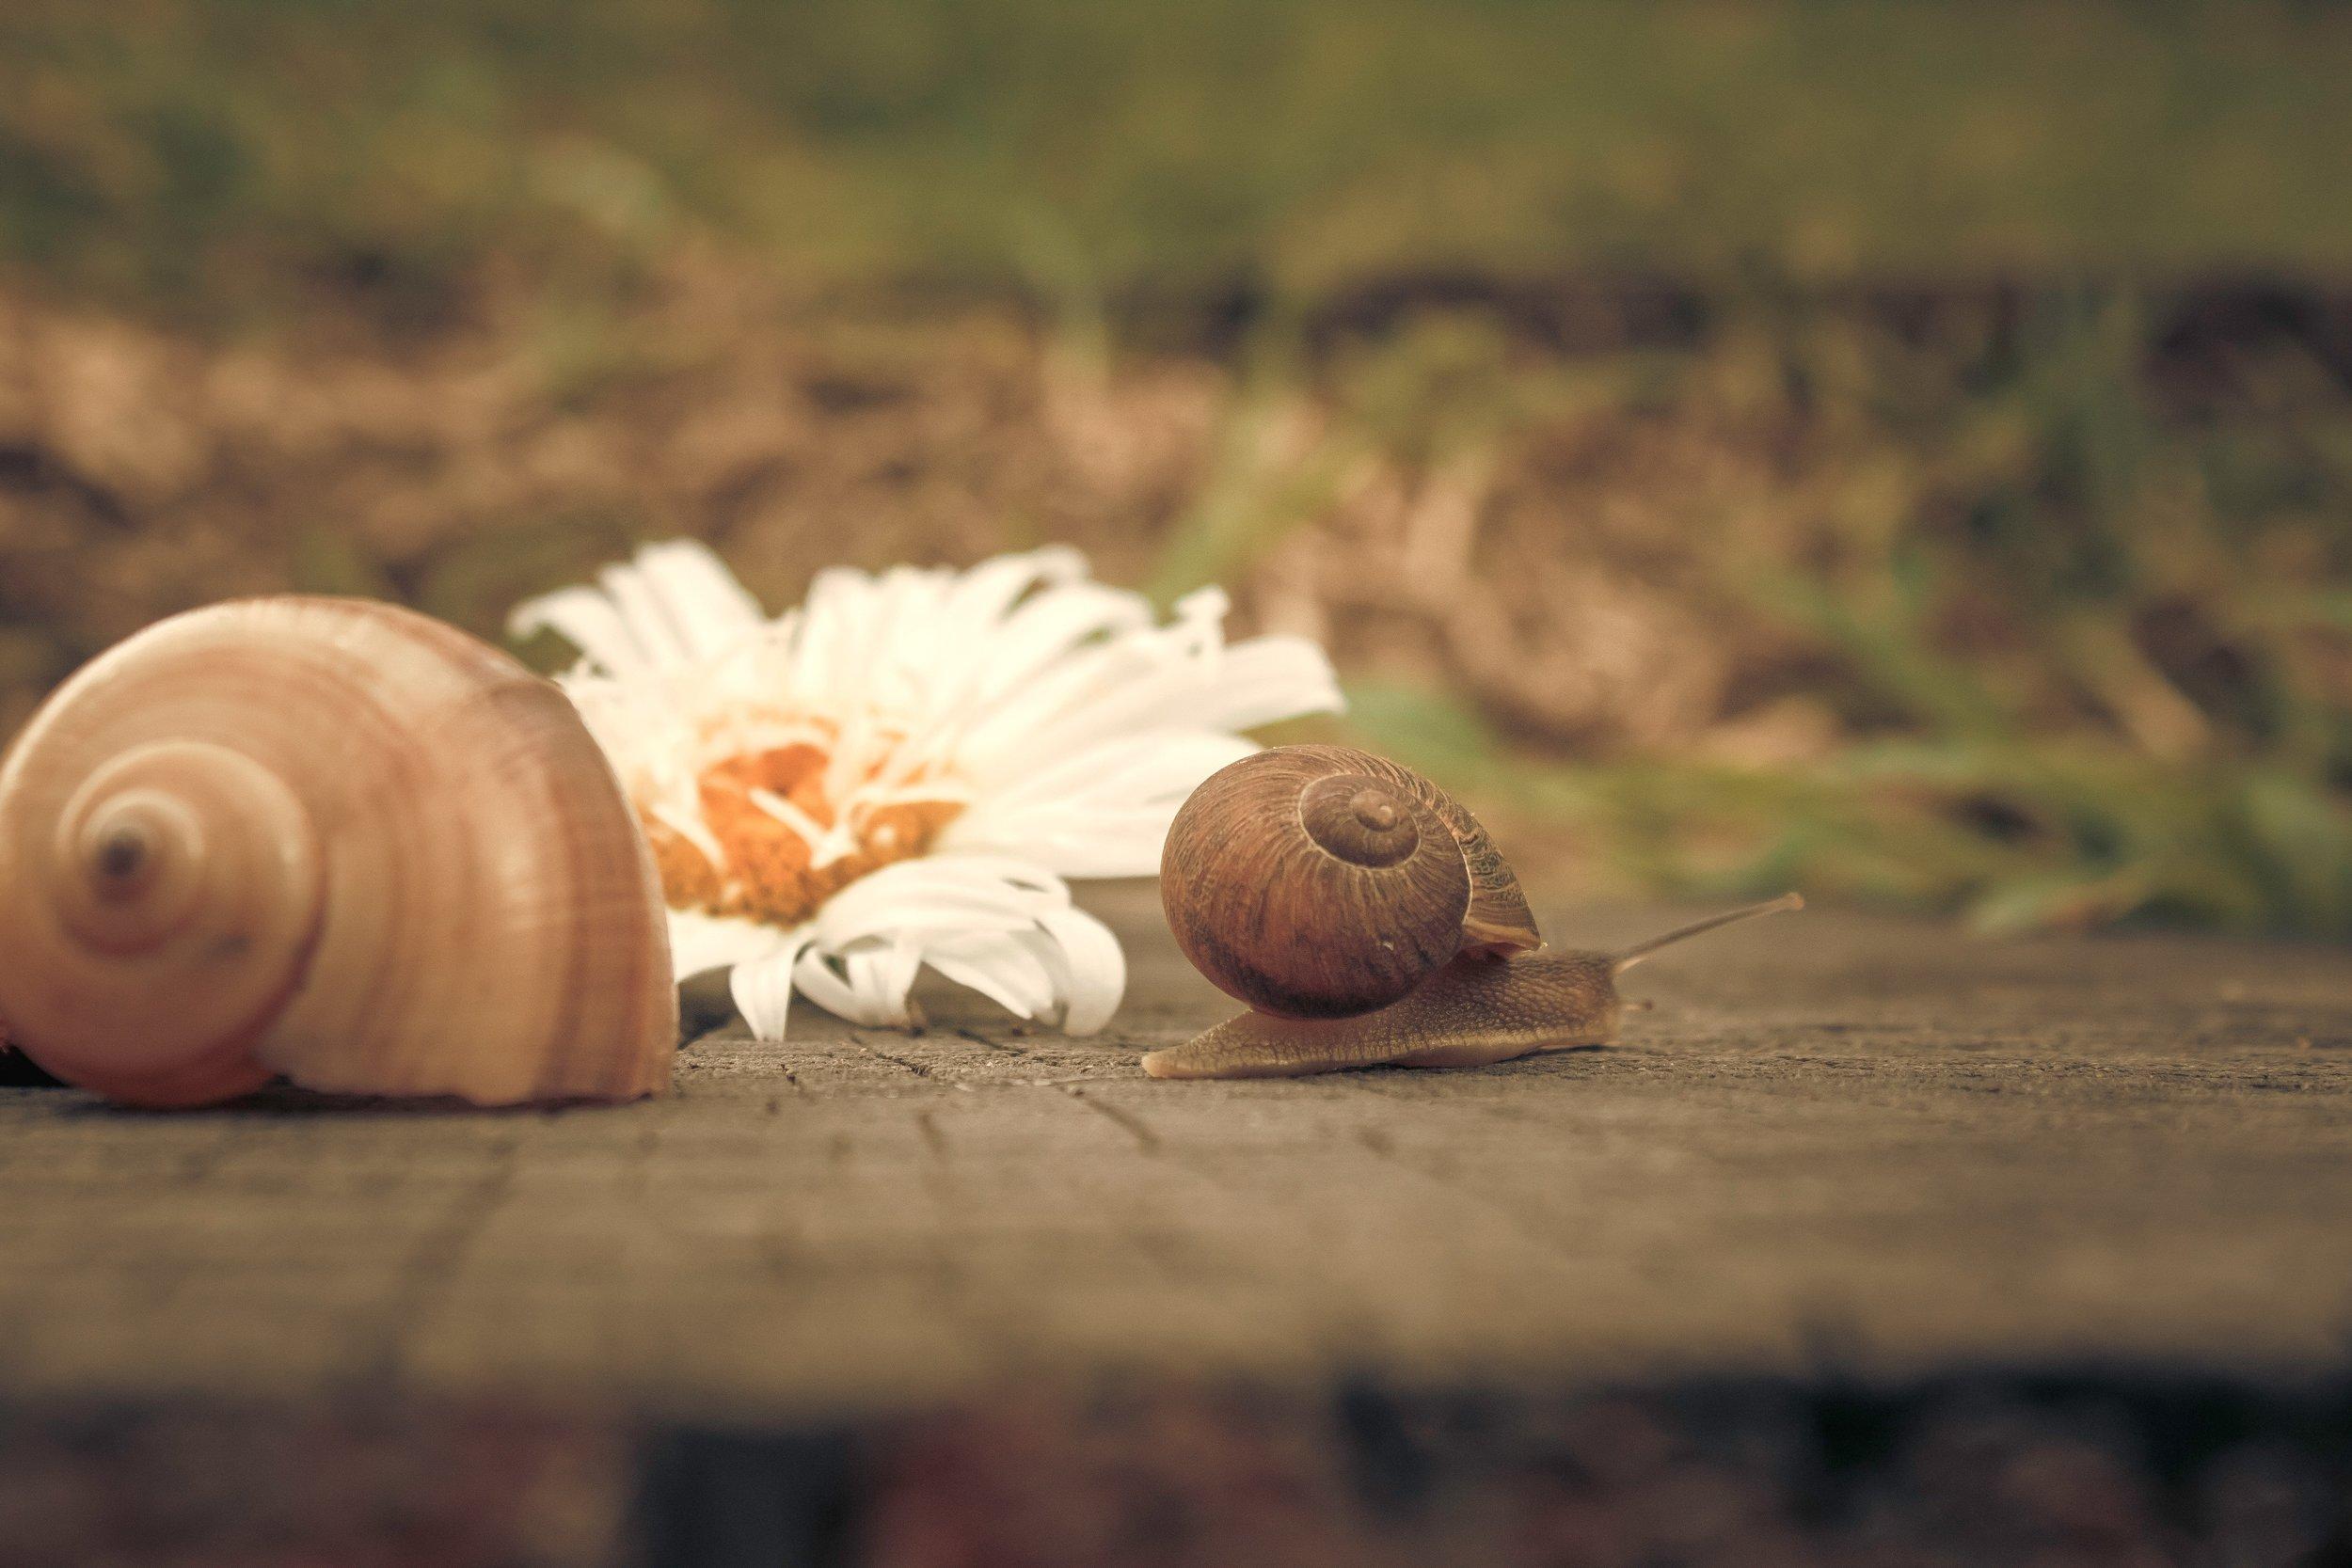 flower-gastropod-macro-605617.jpg